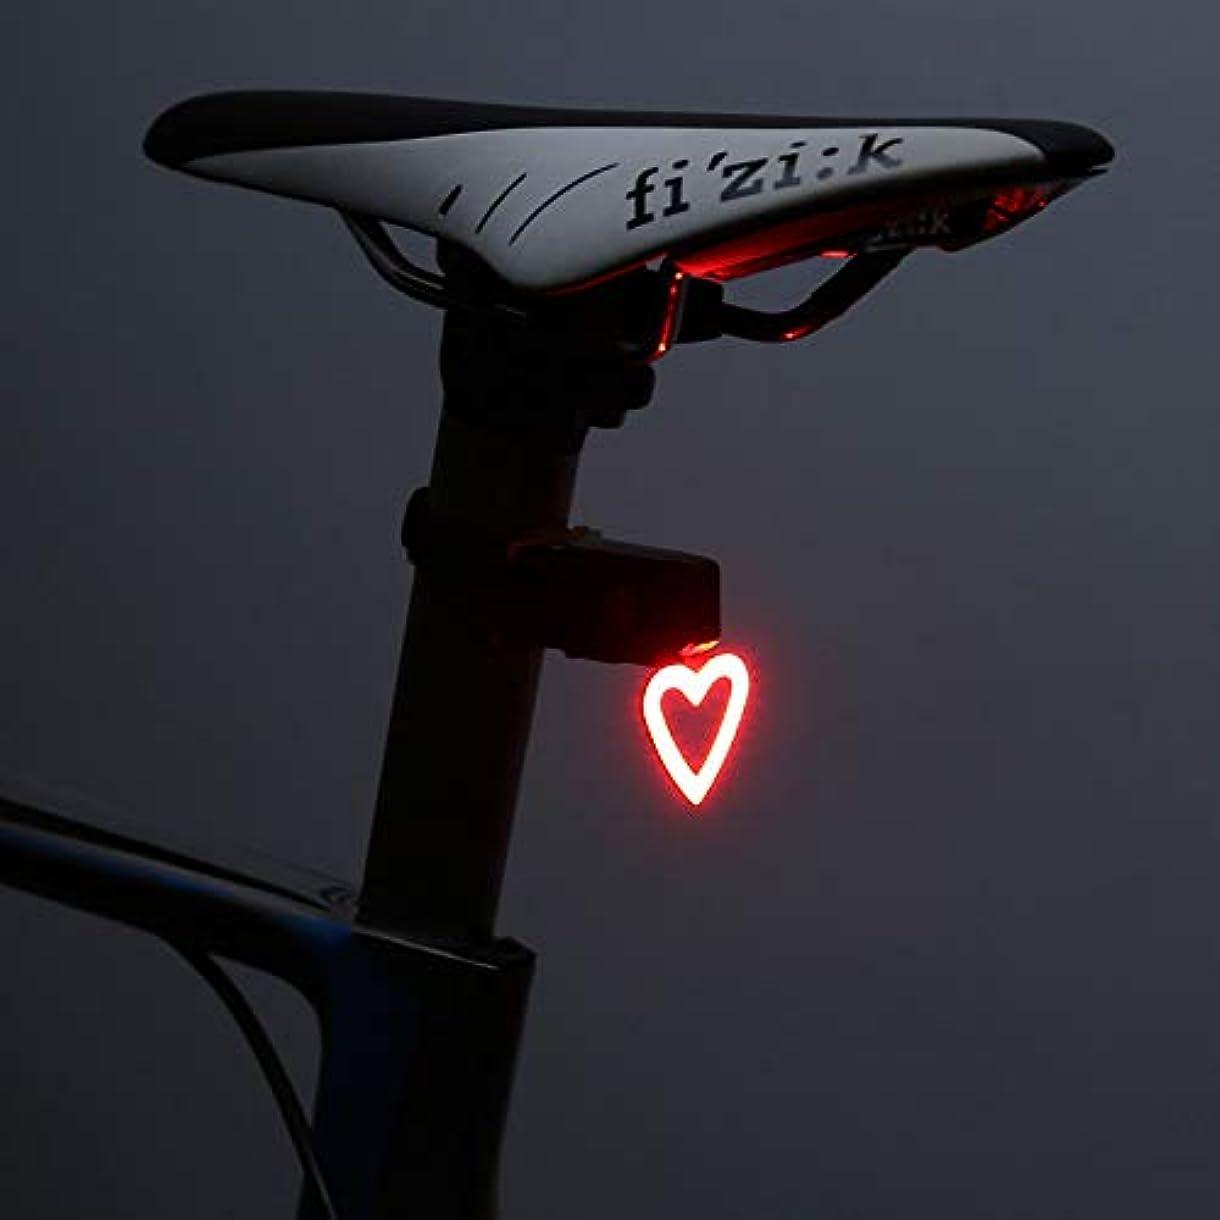 気取らない前文妊娠したSirius&Co 自転車 テールライト Xlite100 USB充電式 防水 テールライト 自転車用 セーフティーライト高輝度ledライト 軽量 ロードバイク マウンテンバイク 小型自転車 リアライト テールランプ